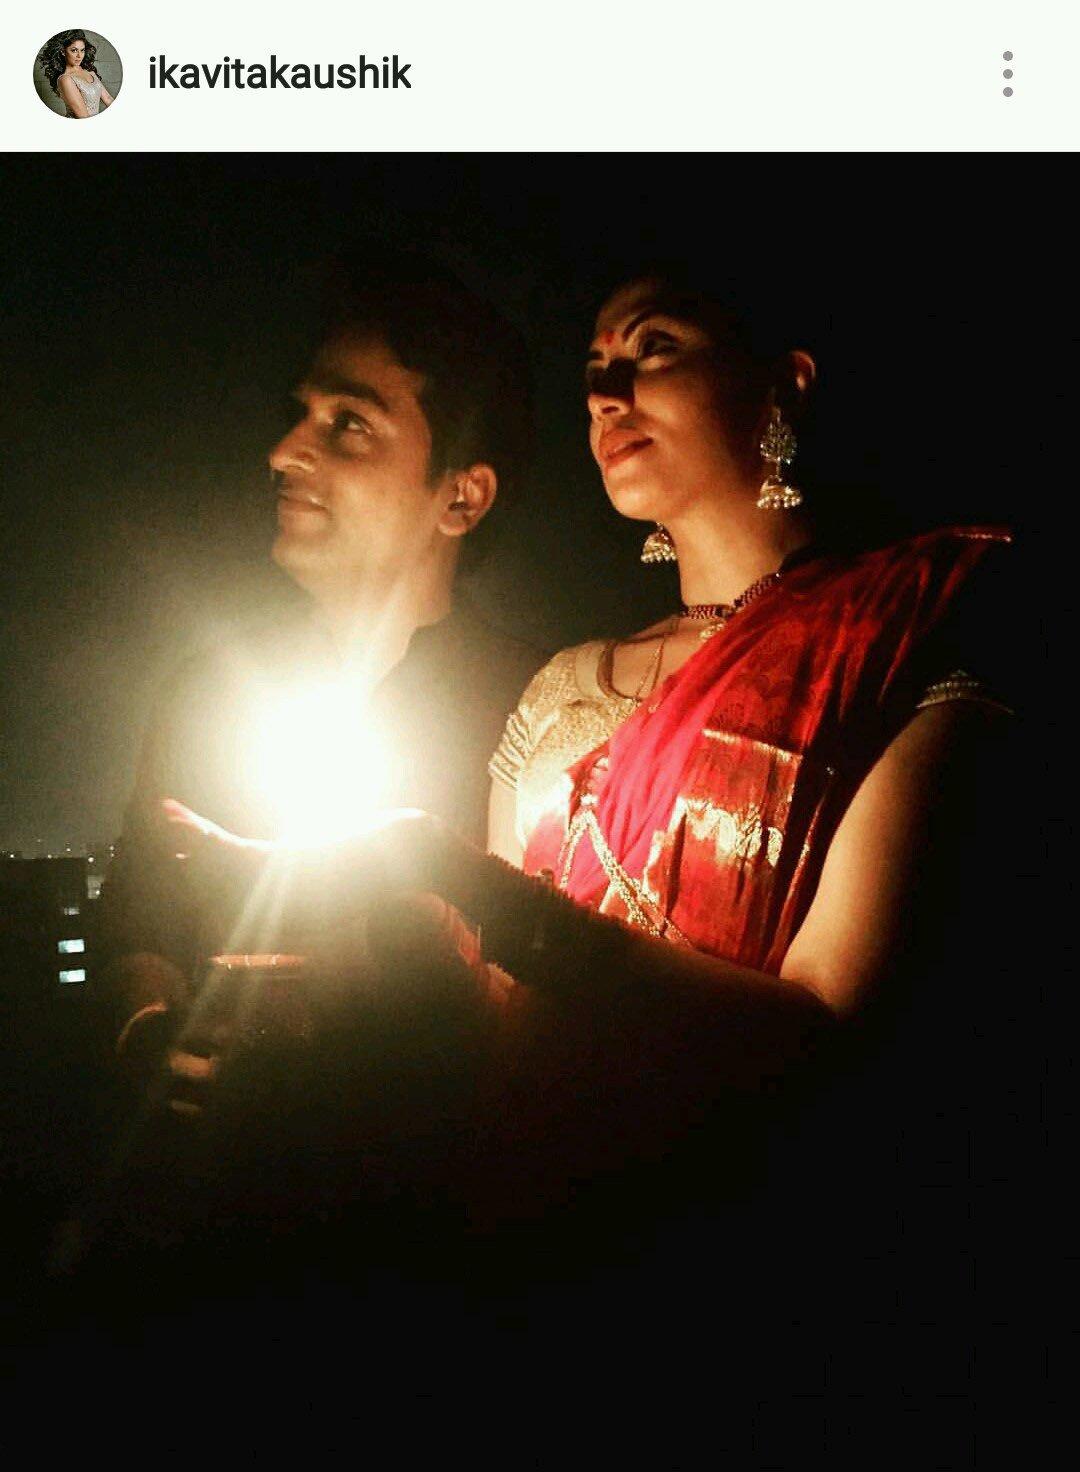 Kavita Kaushik Celebrates Karva Chauth 2016.jpg